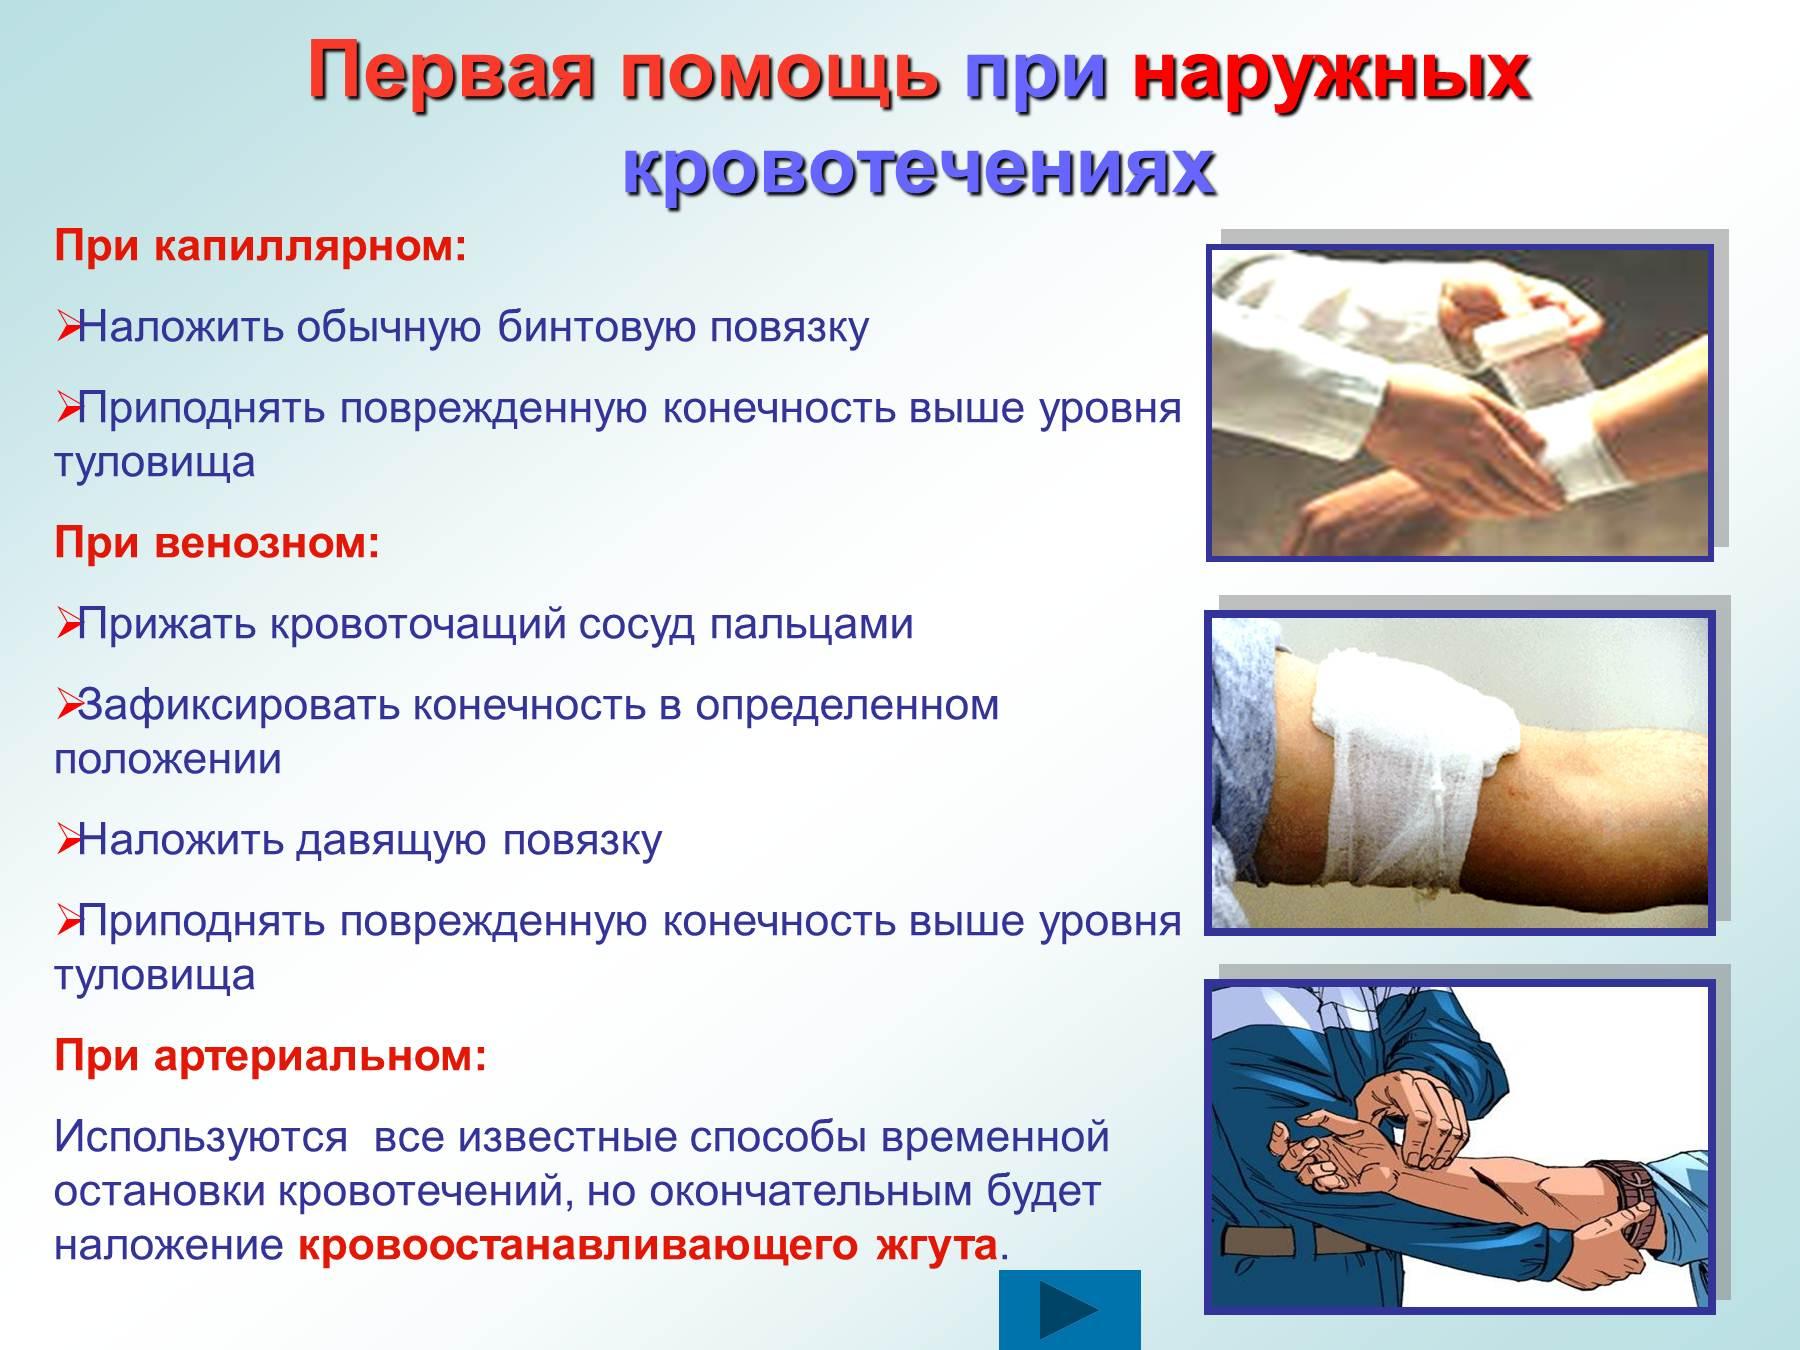 внешнее кровотечение симптомы